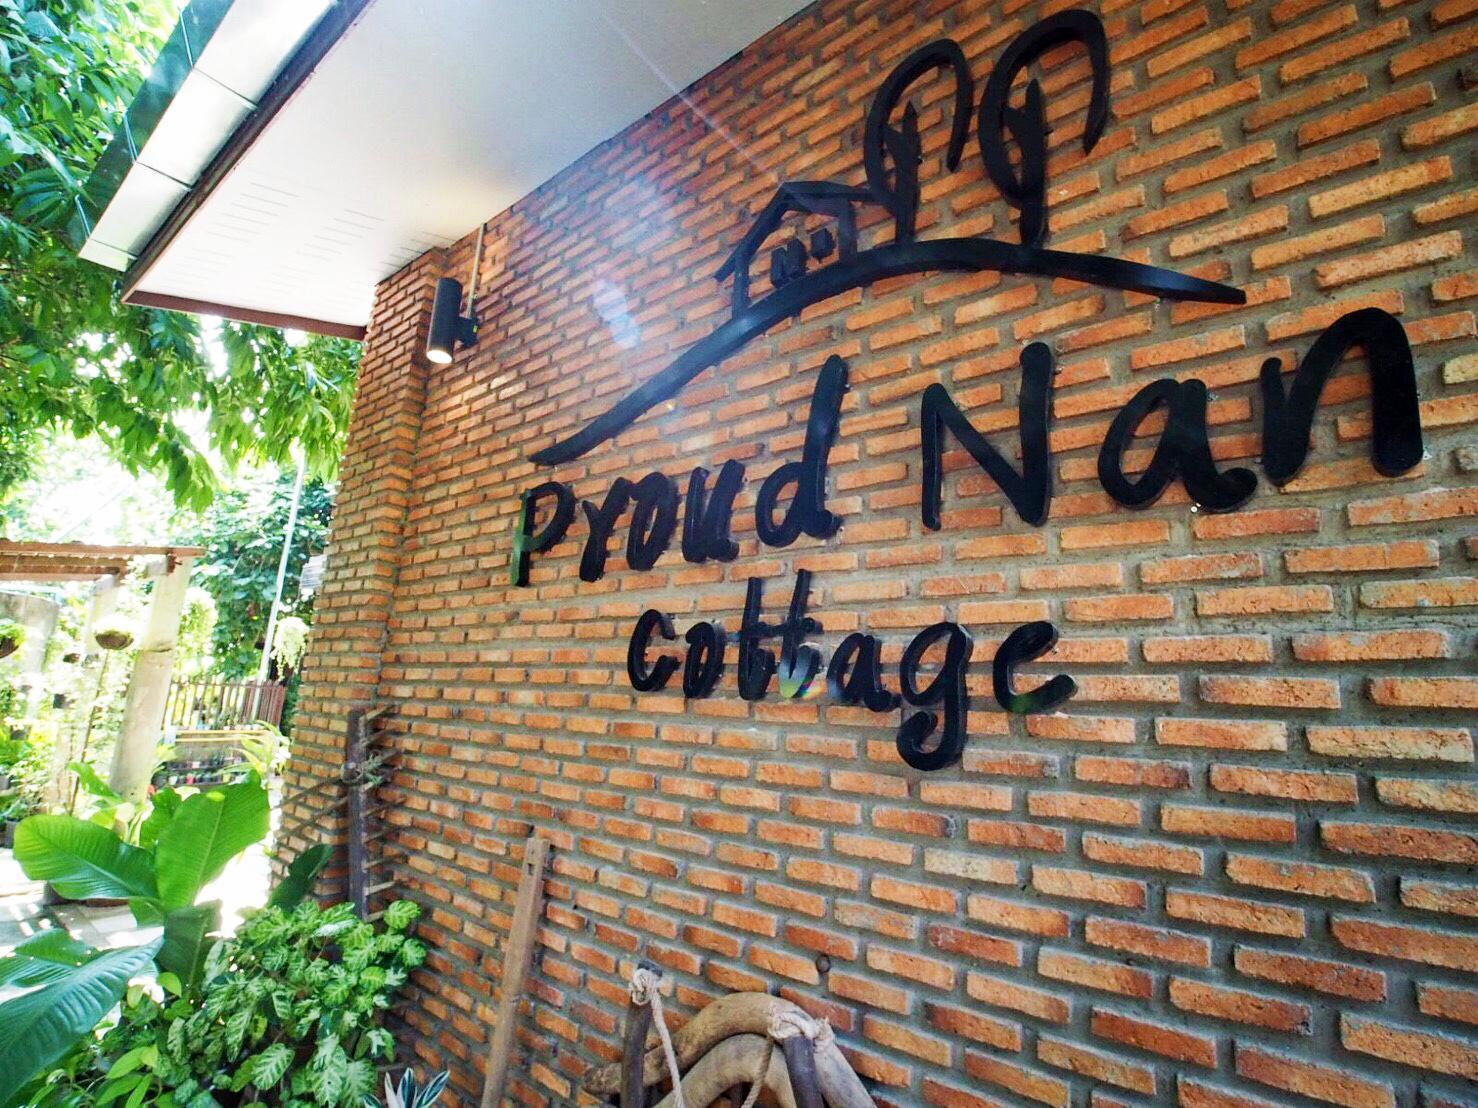 Proud nan cottage Discount